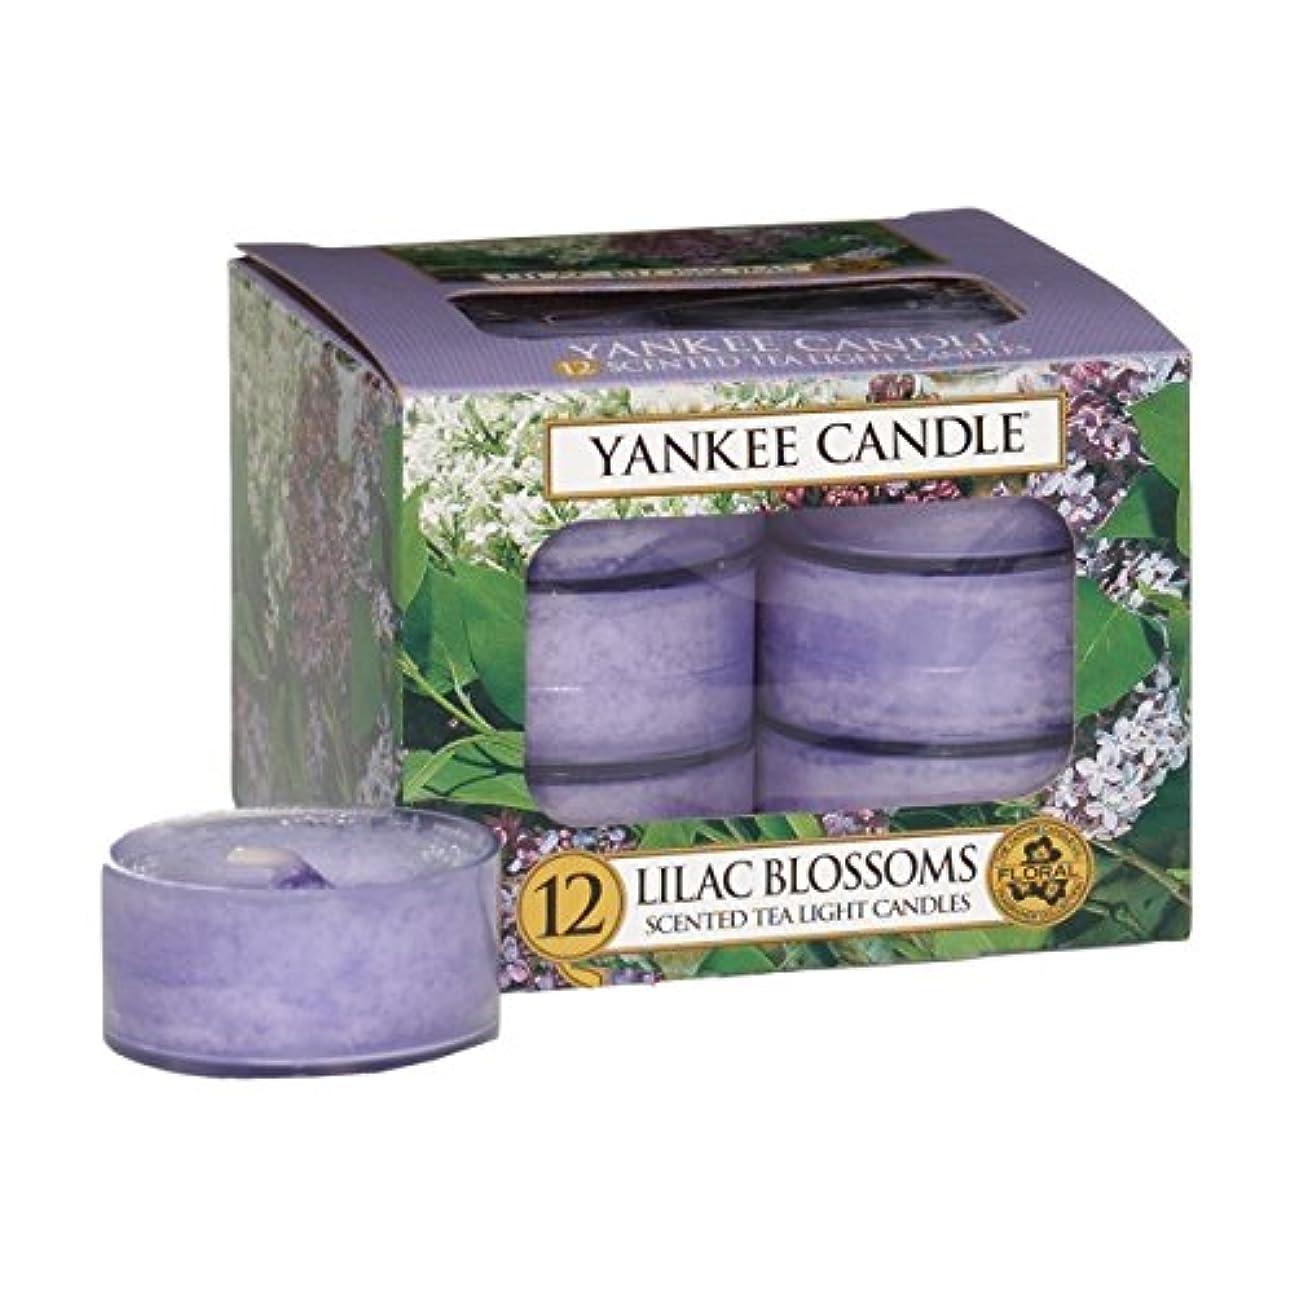 回転盲信チキンYankee CandleライラックBlossomsティーライトキャンドル、花柄香り